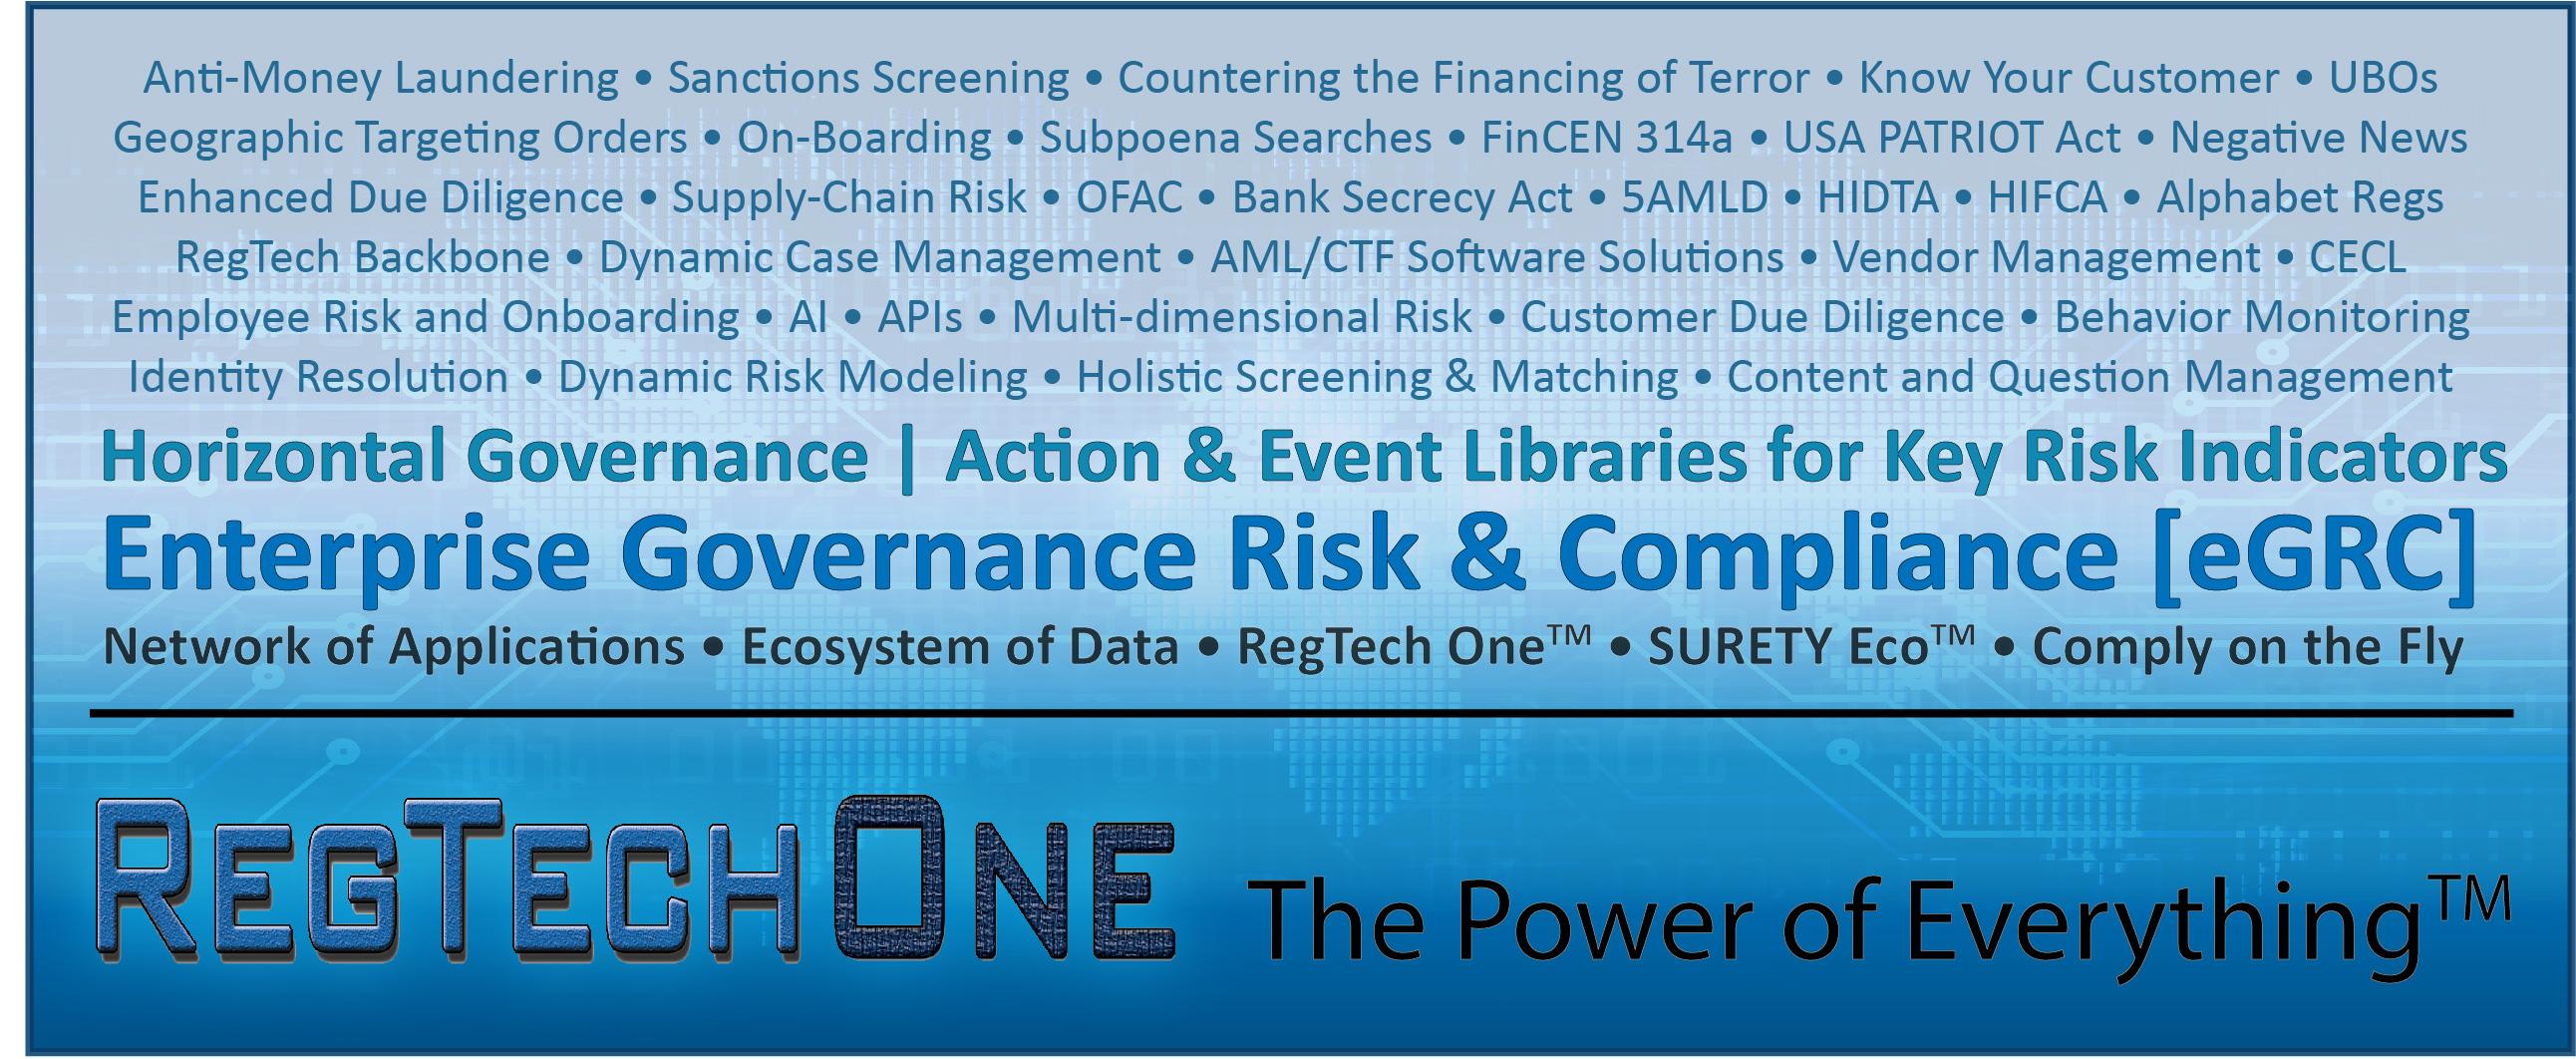 RegTech One art--RegTech platform supports horizontal governance in GRC